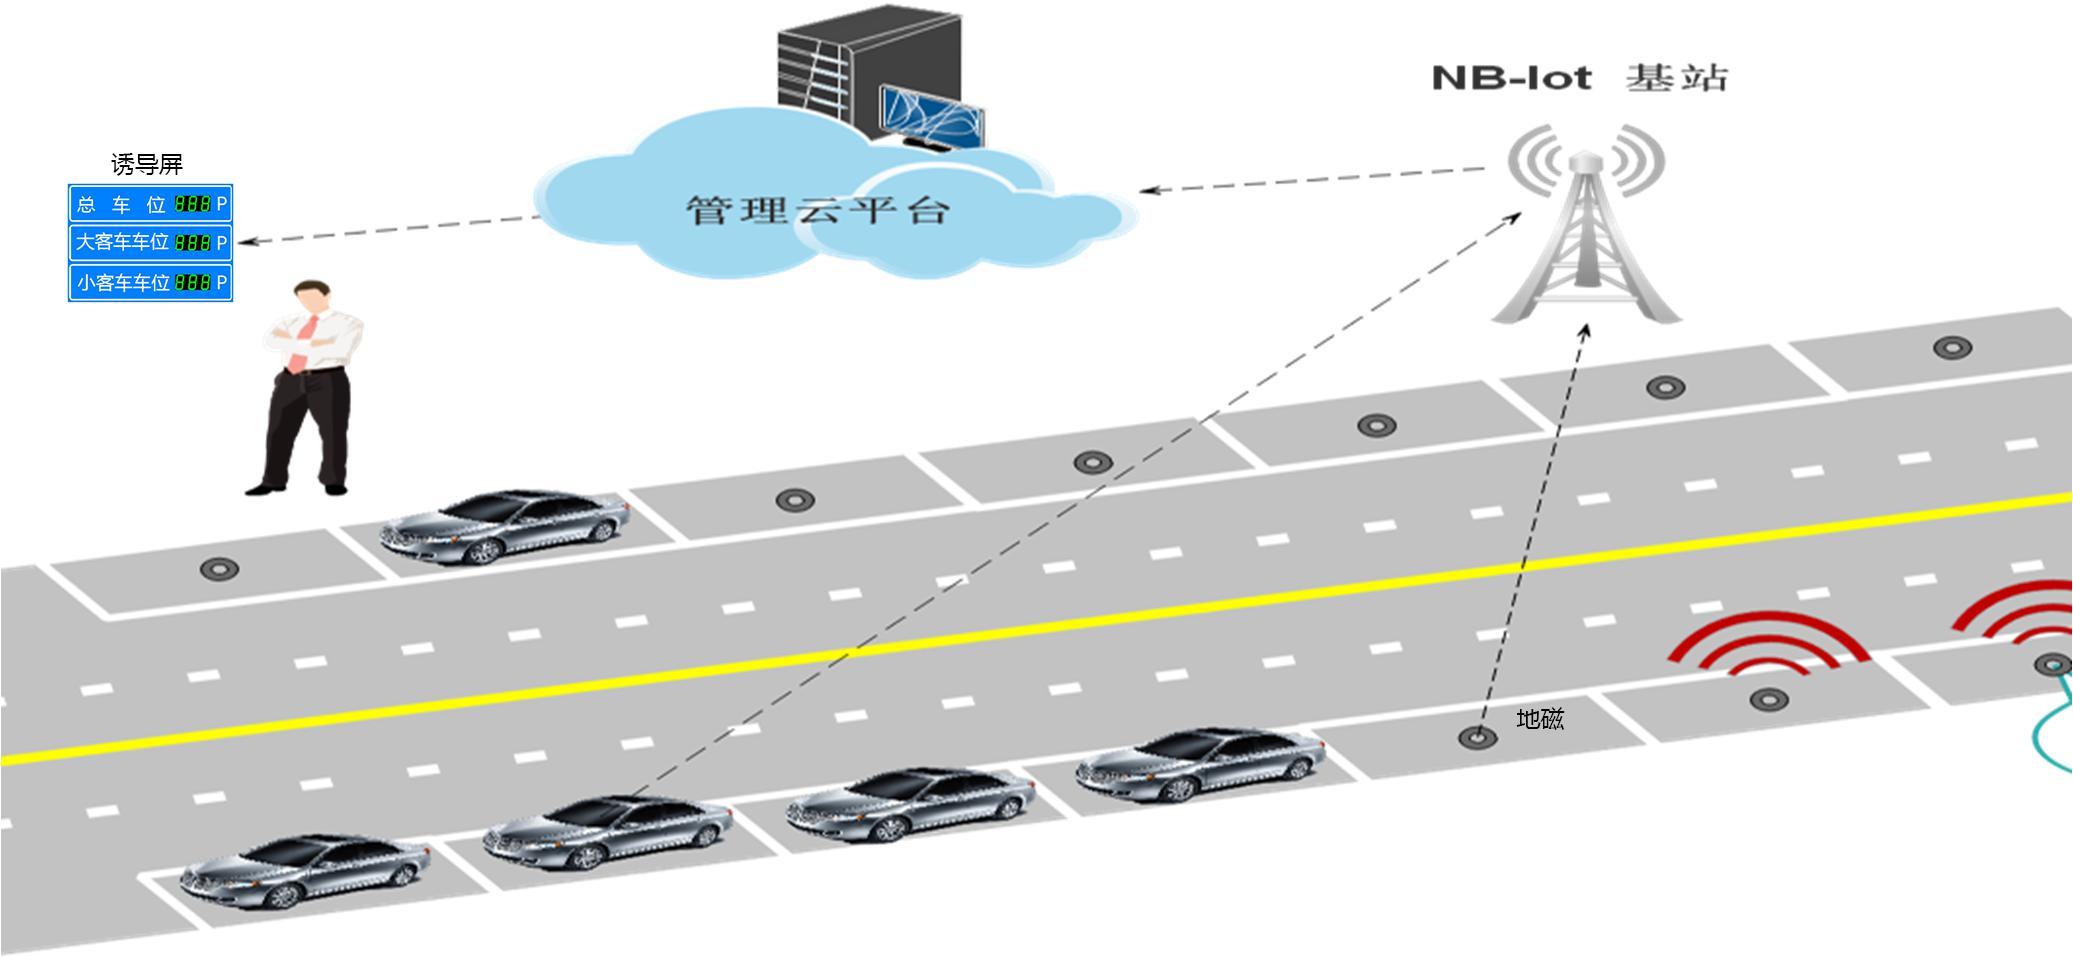 manbetx官网下载智慧停车场停车诱导解决方案示意图